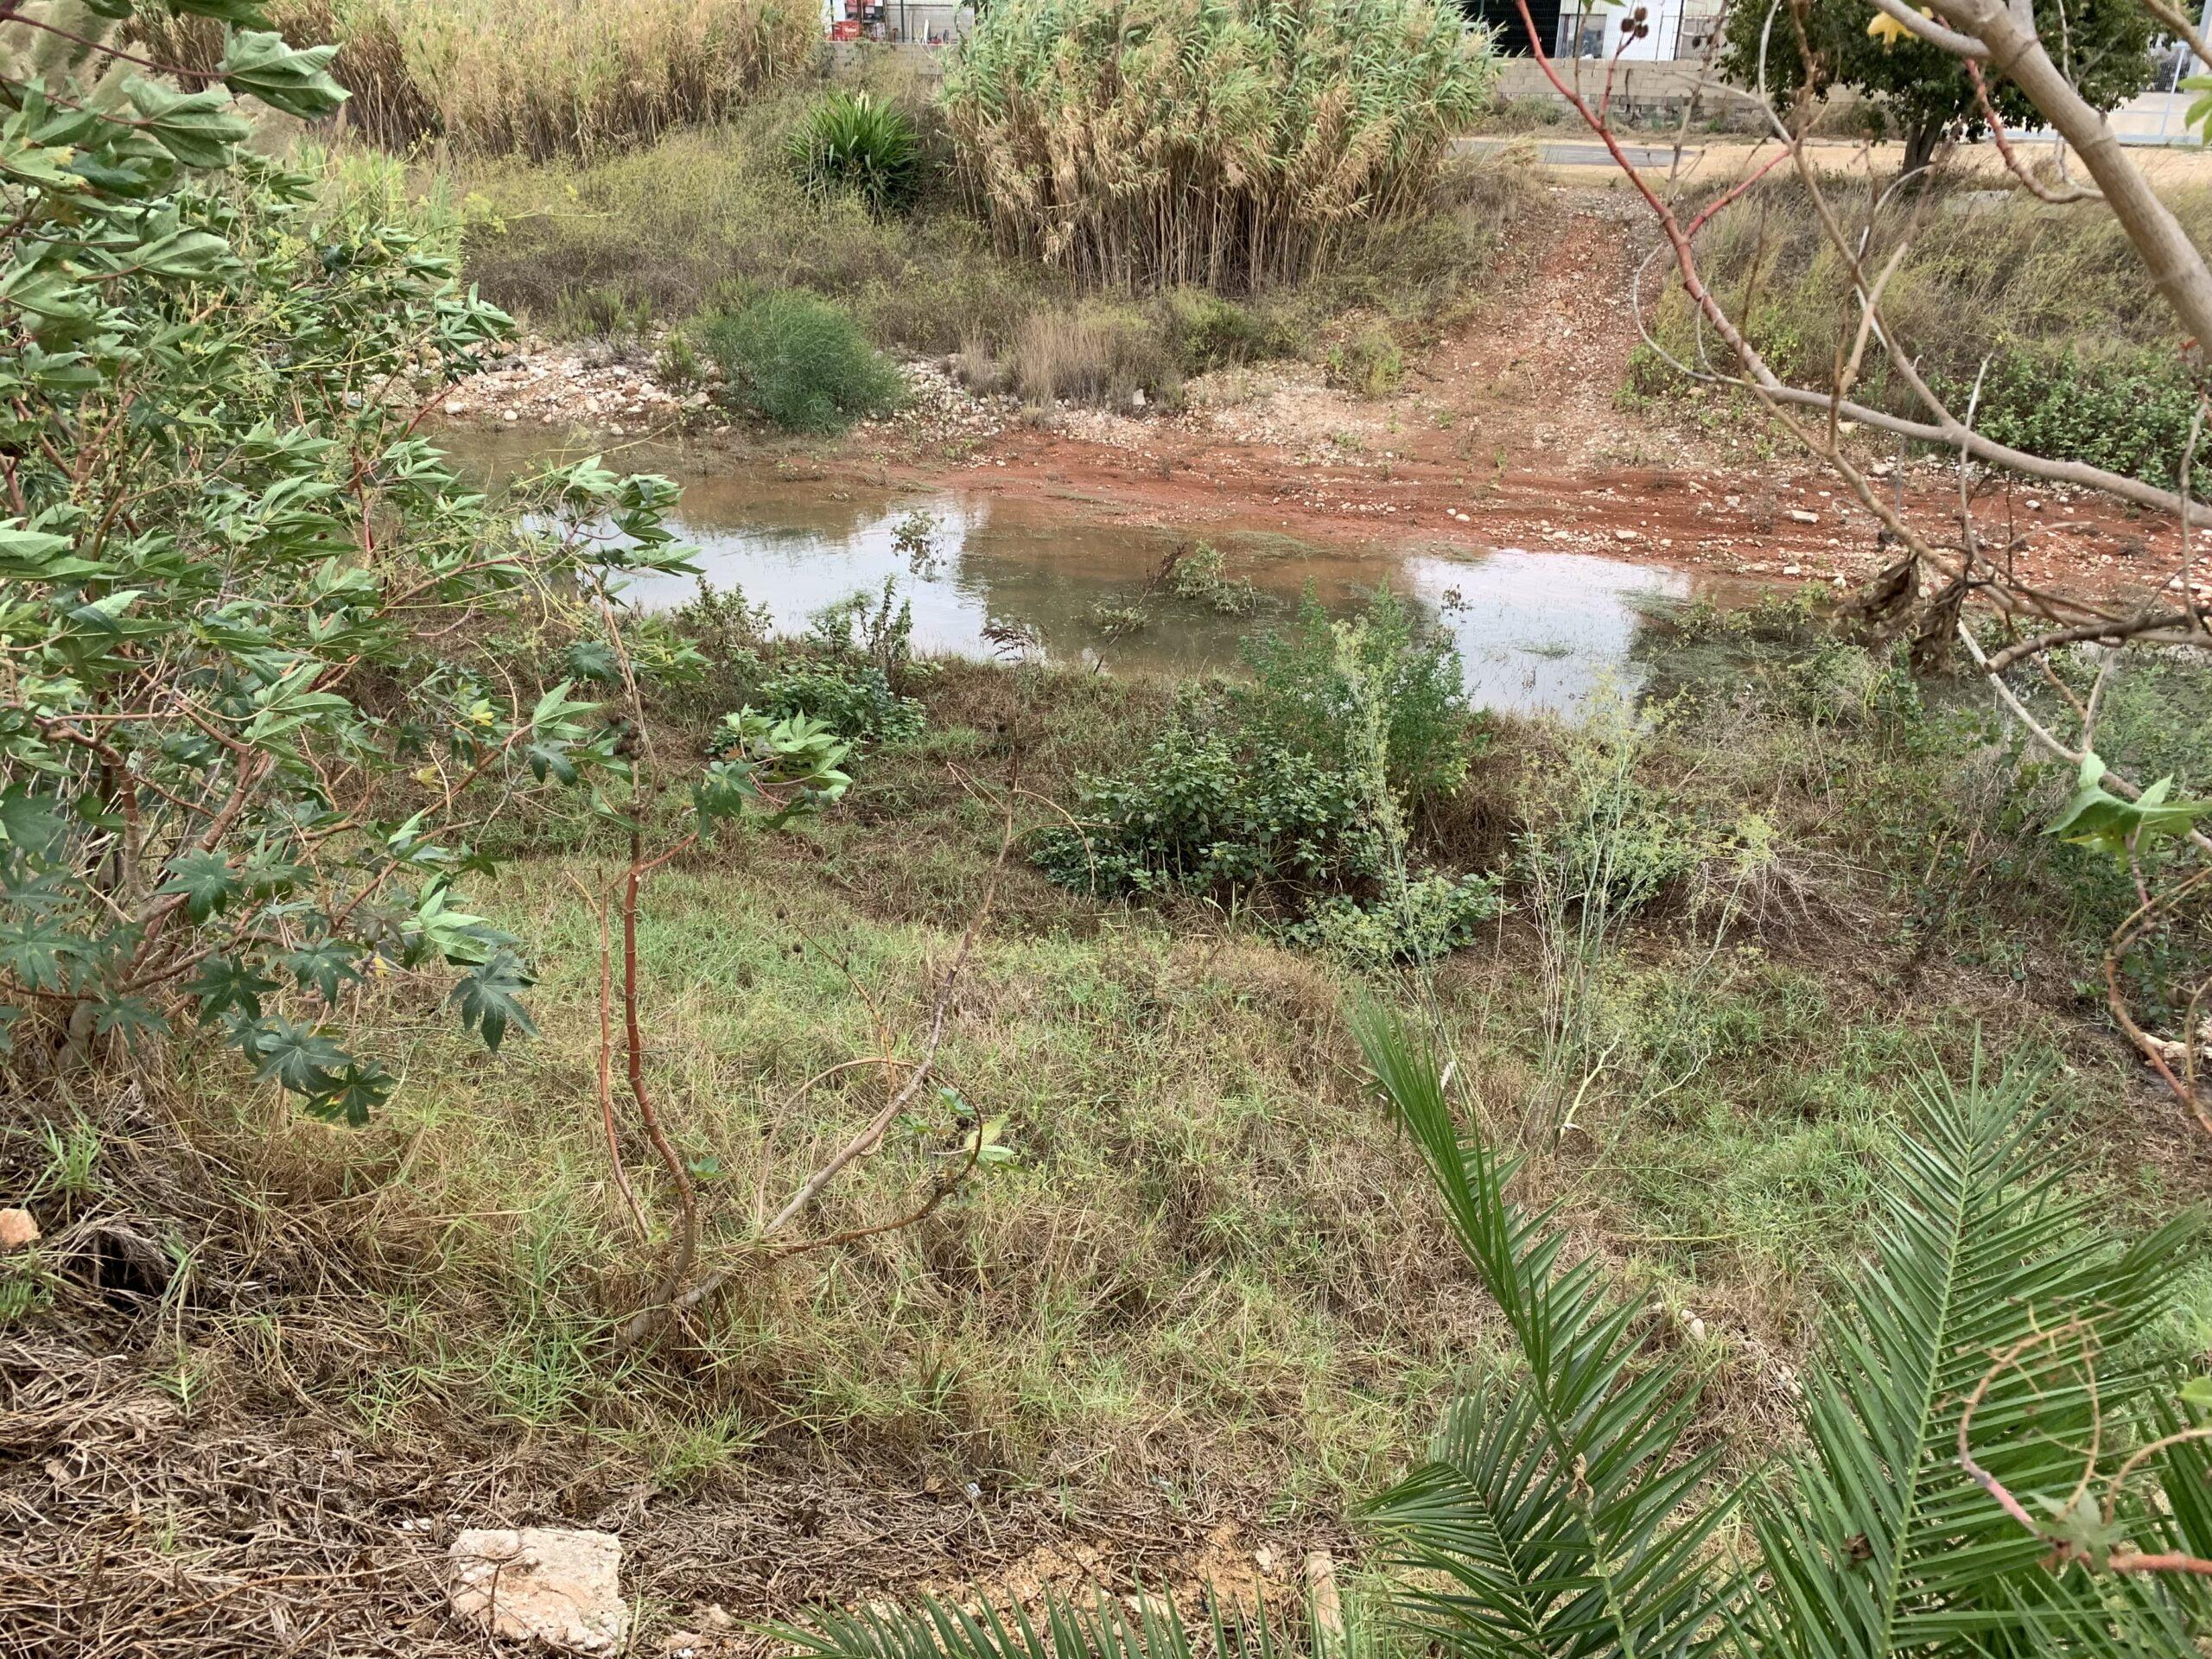 Agua acumulada en un tramo del cauce del río Gorgos